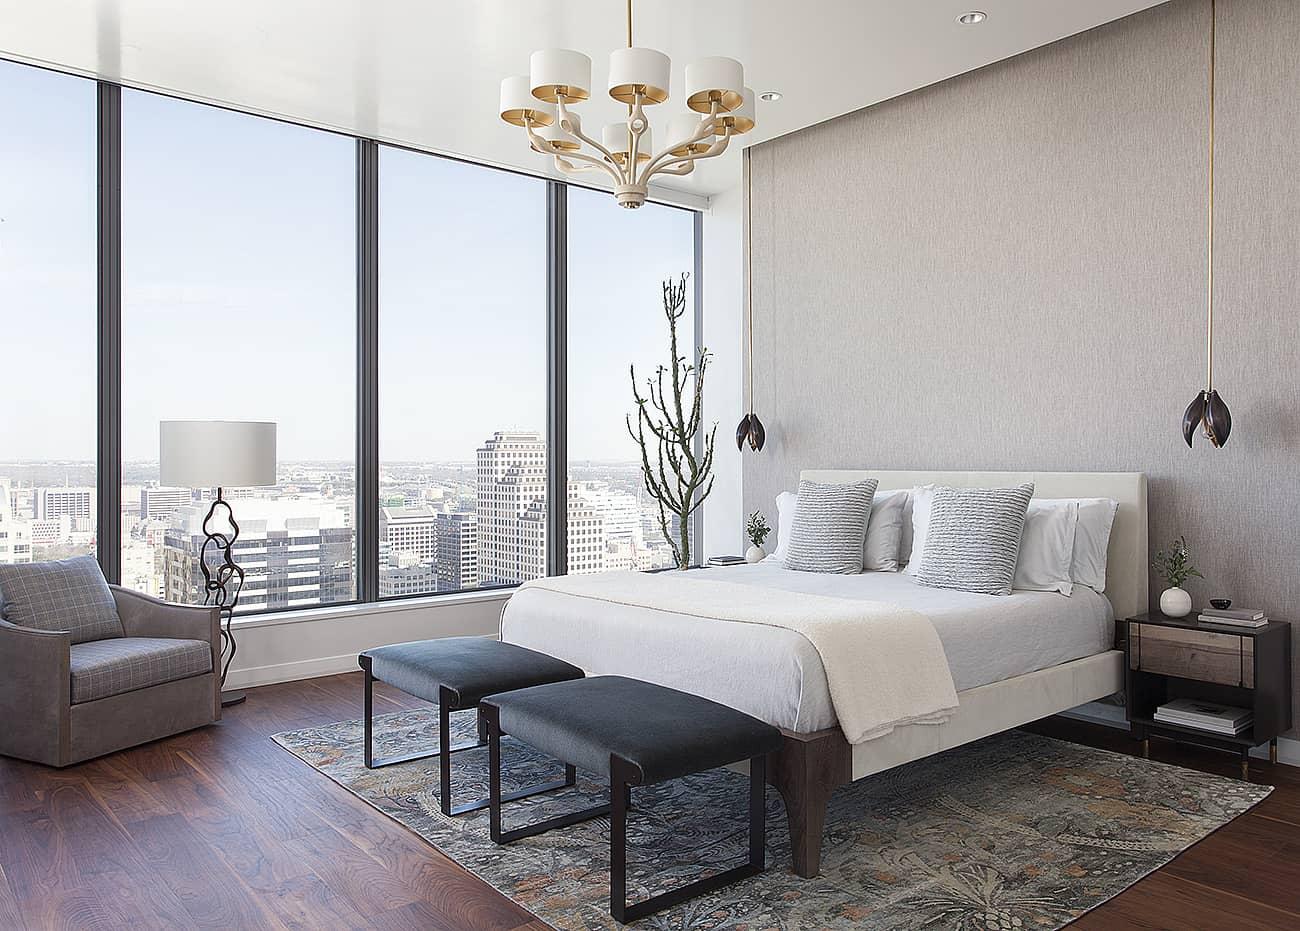 101 Custom Master Bedroom Design Ideas (2019